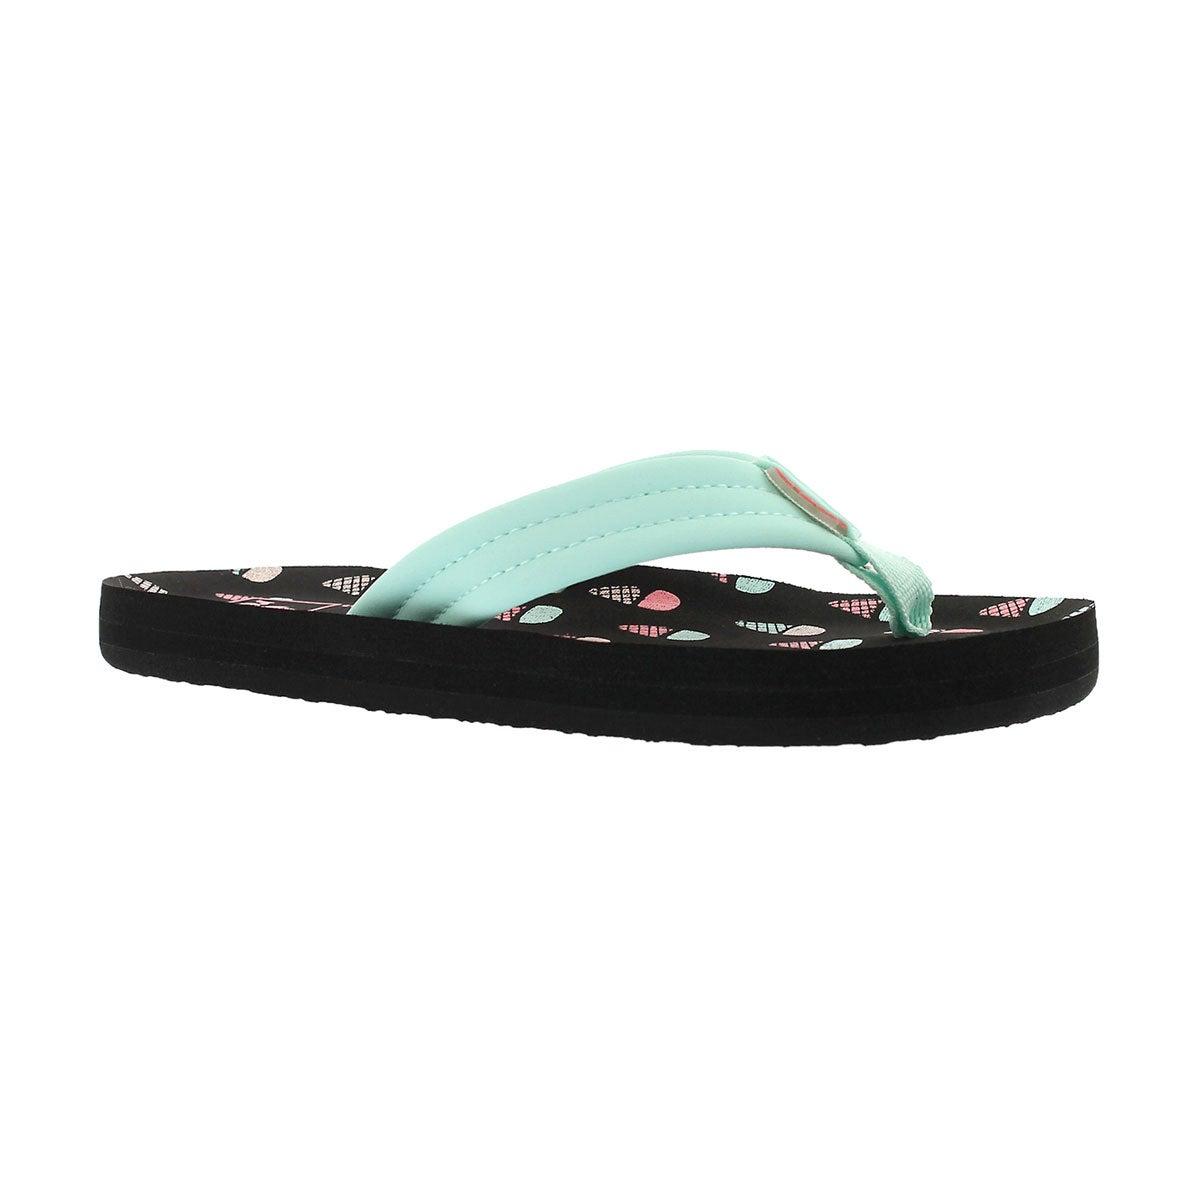 Girls' LITTLE AHI ice cream flip flops